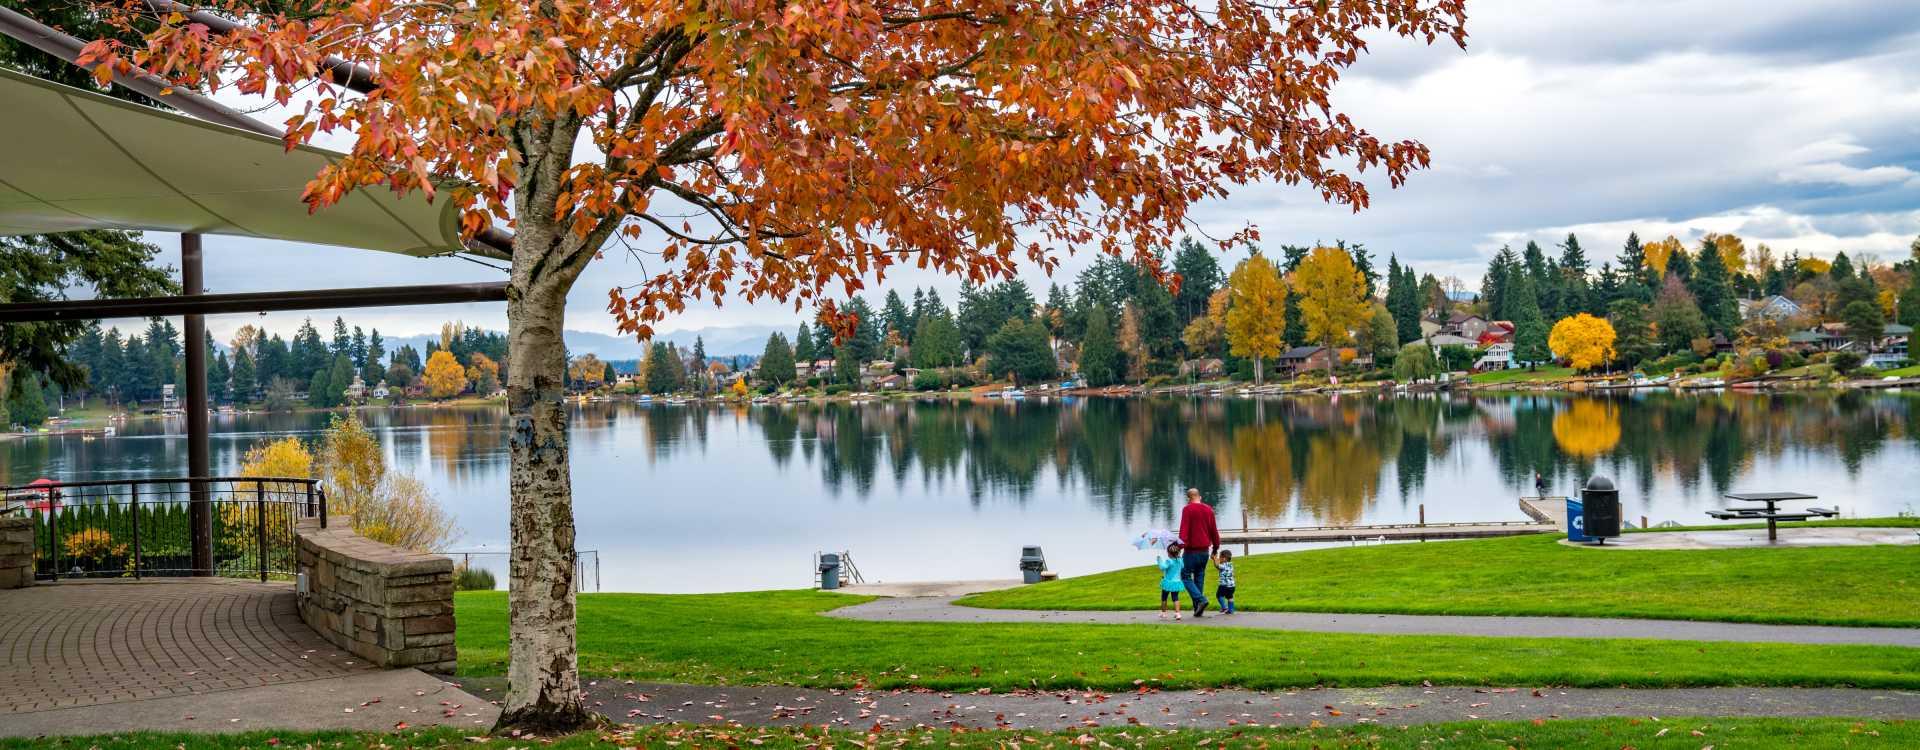 Angle-Lake-Park-Autumn